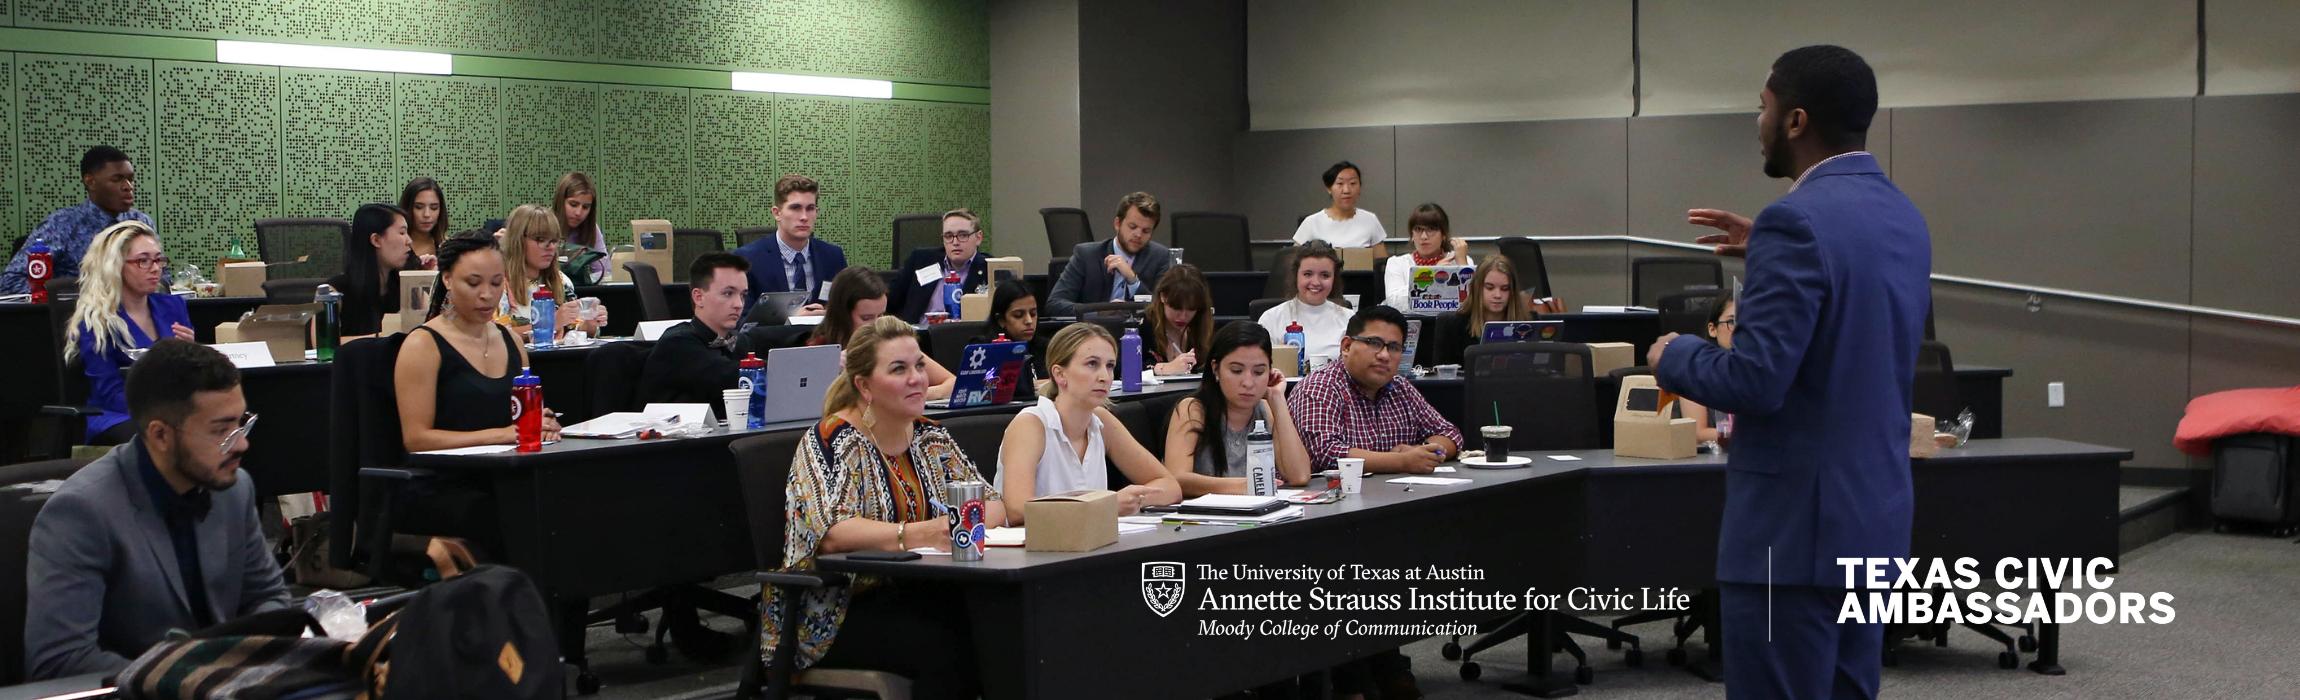 New Politics Forum Texas Civic Ambassadors